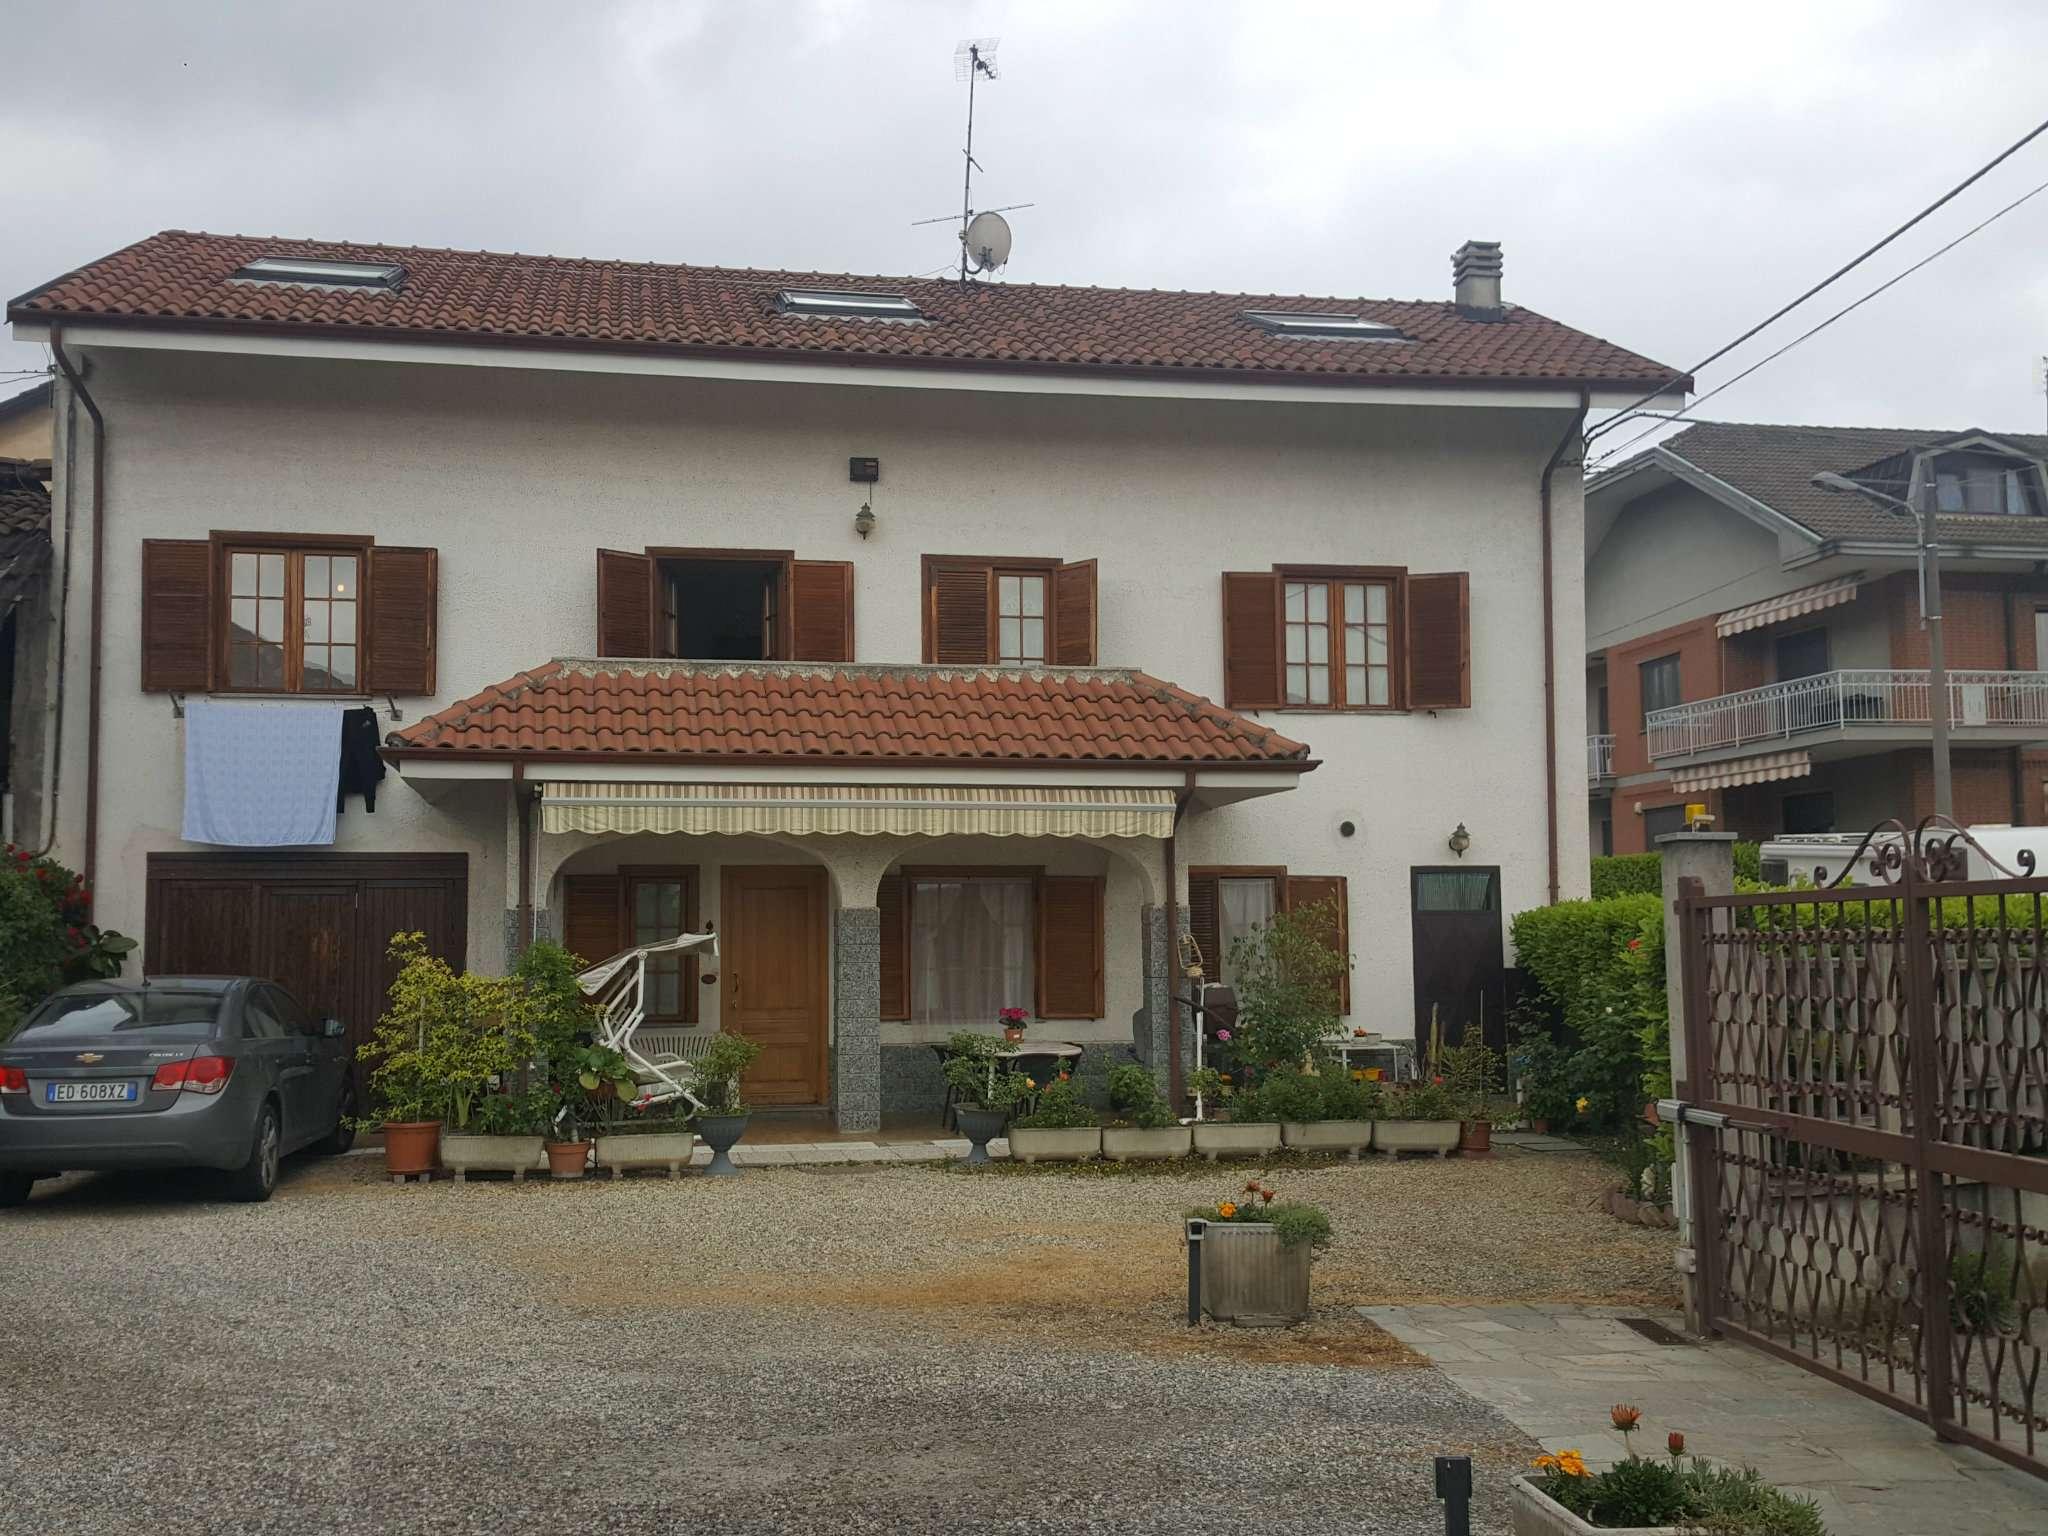 Foto 1 di Casa indipendente via Marchile Cappella 8, Piossasco